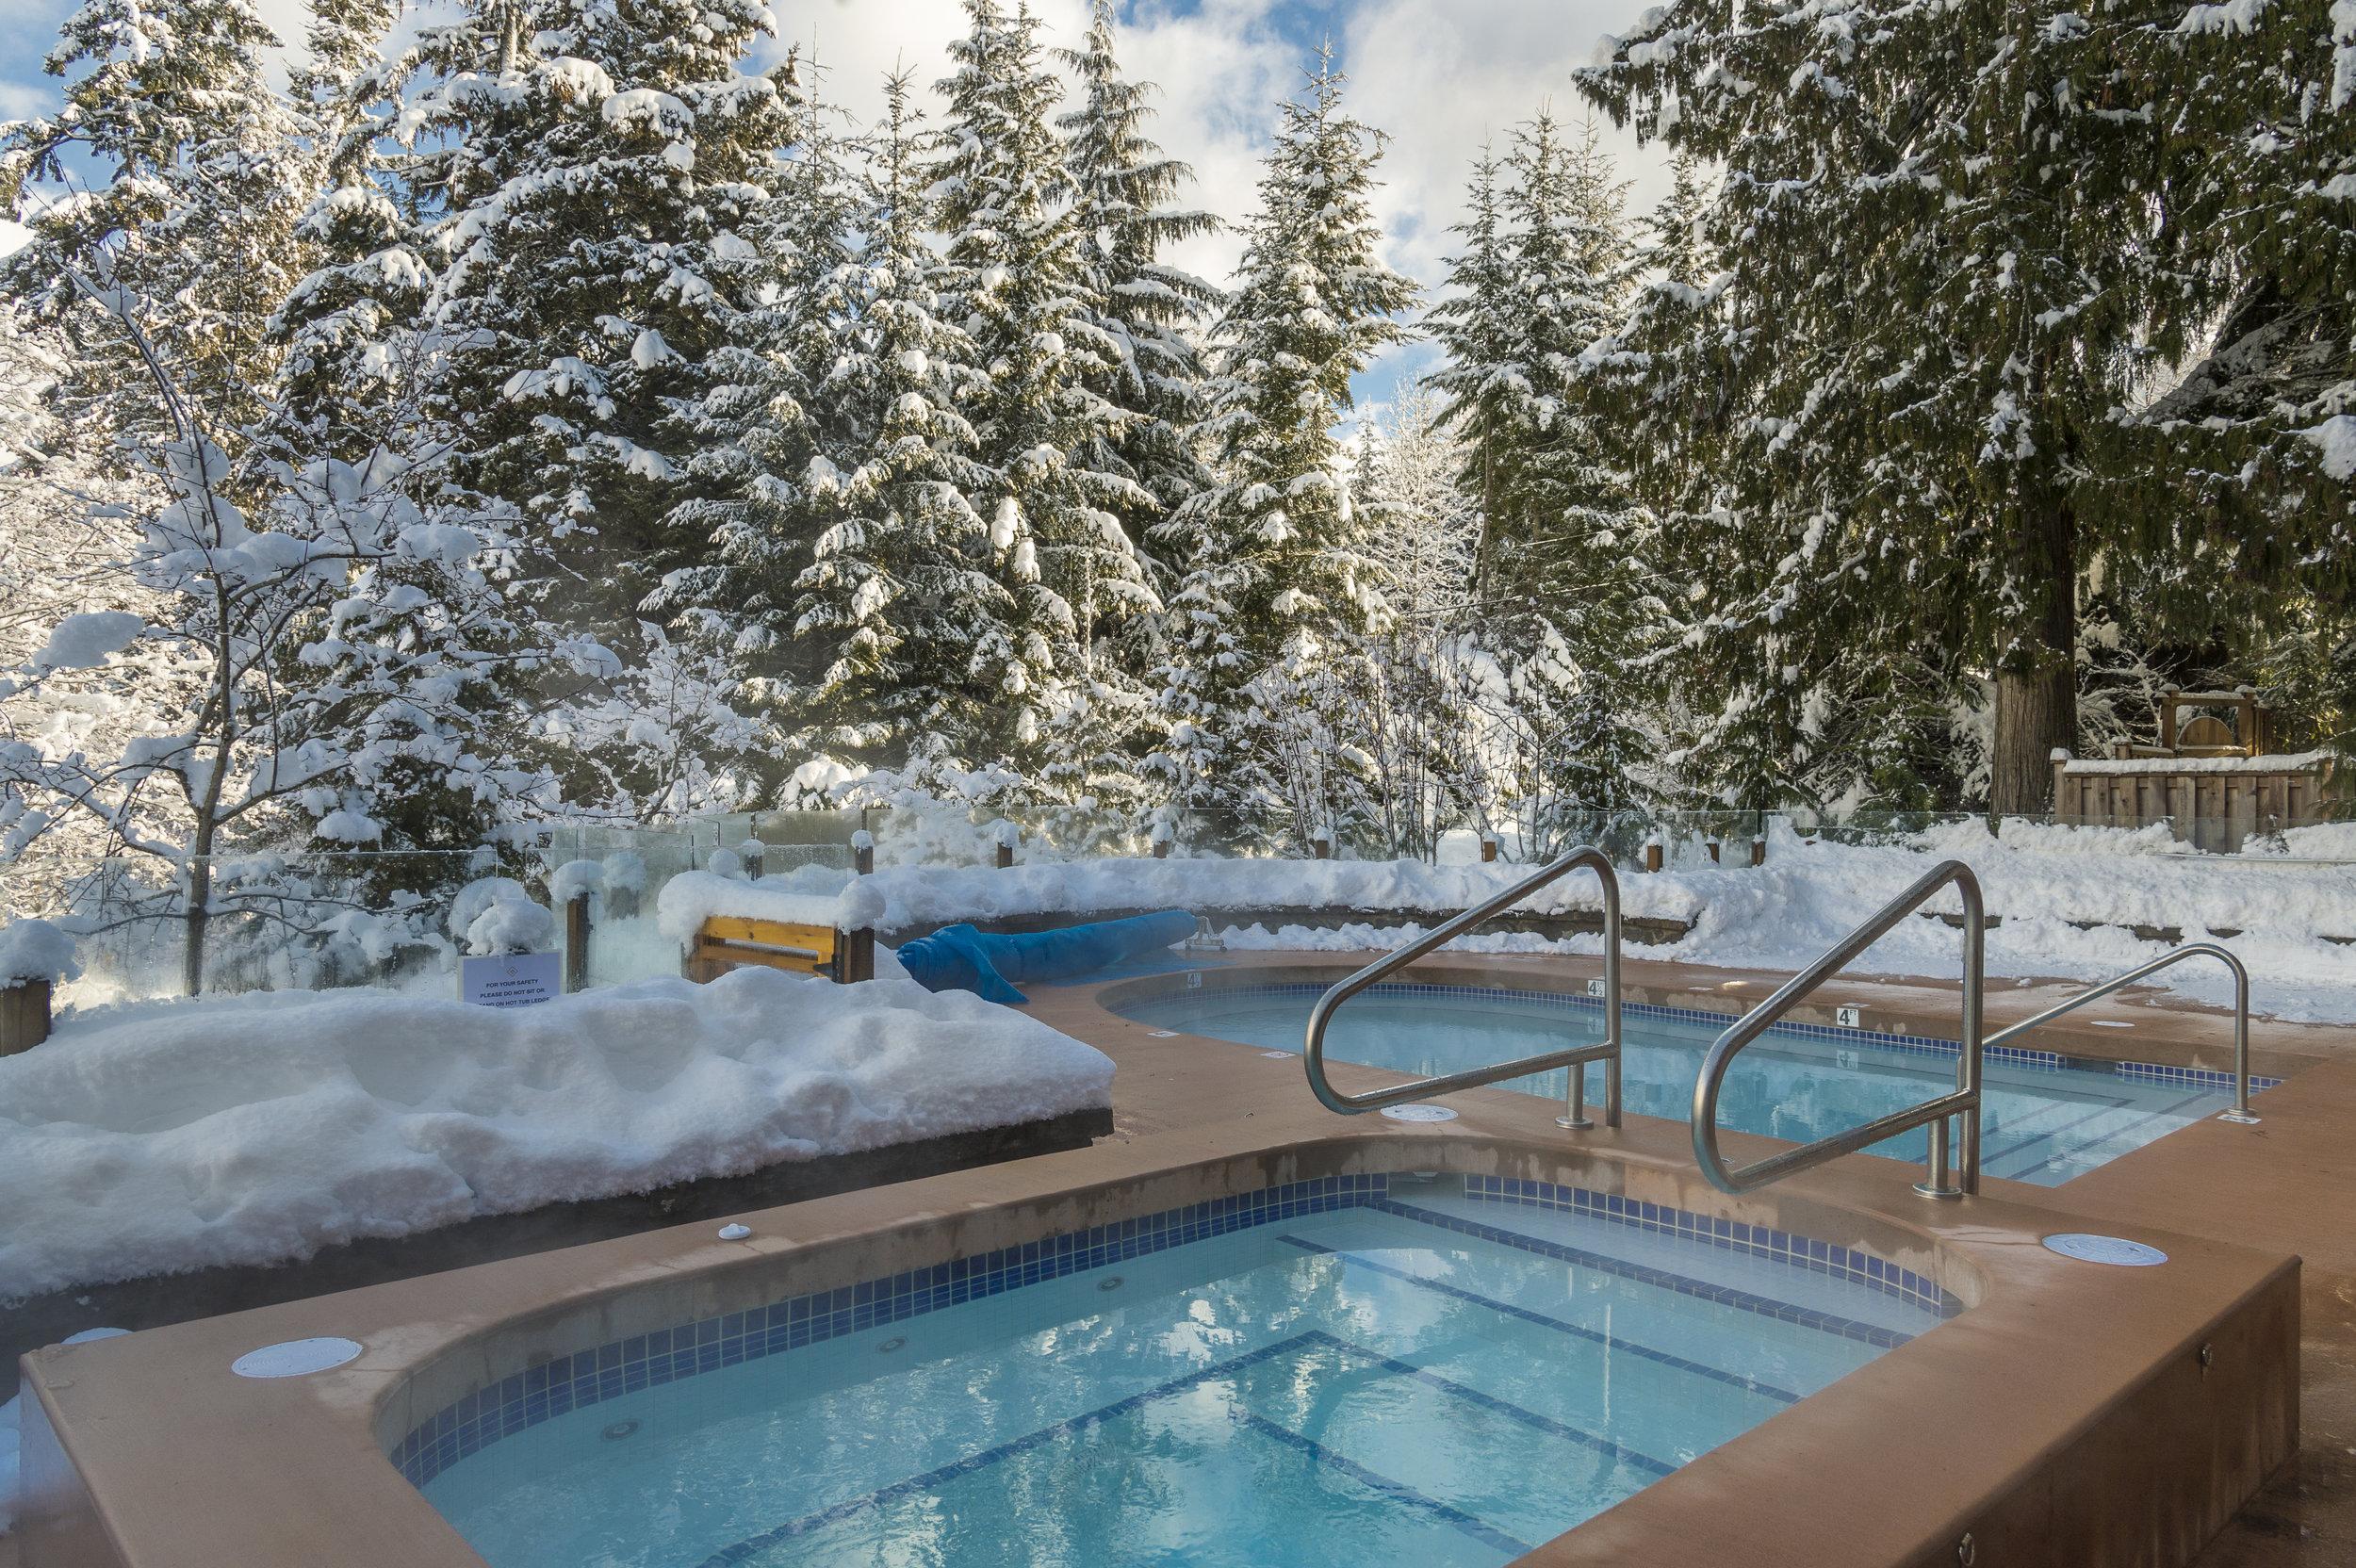 pool & hot tub.jpg